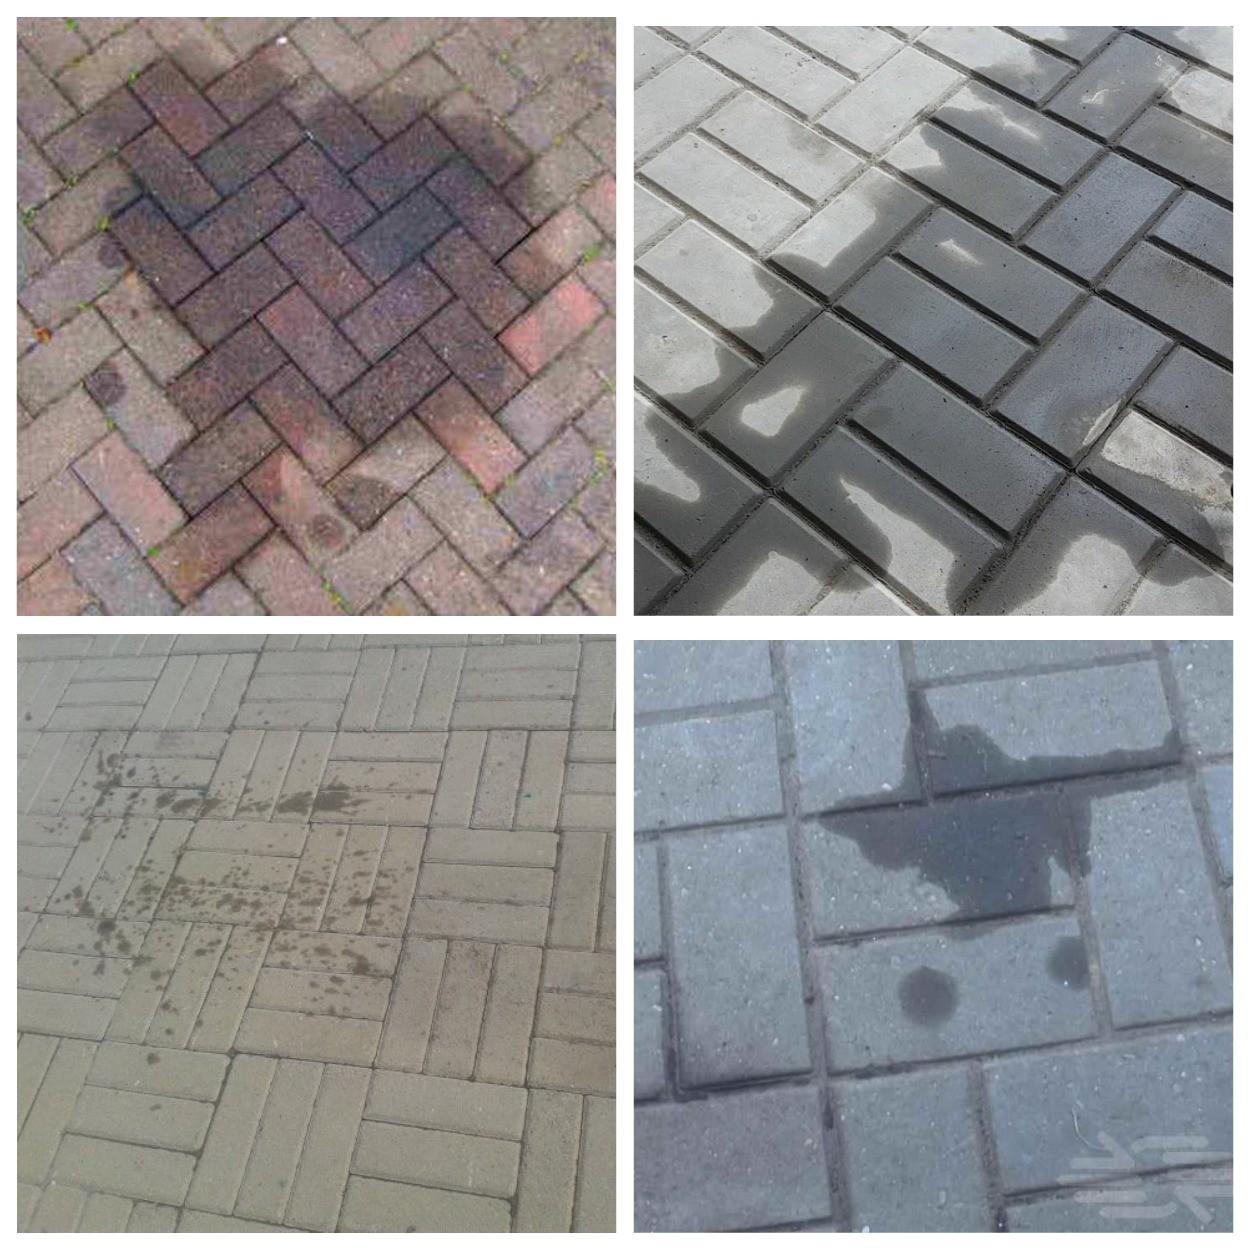 изображение масла, антифриза, жирных пятен на тротуарной плитке